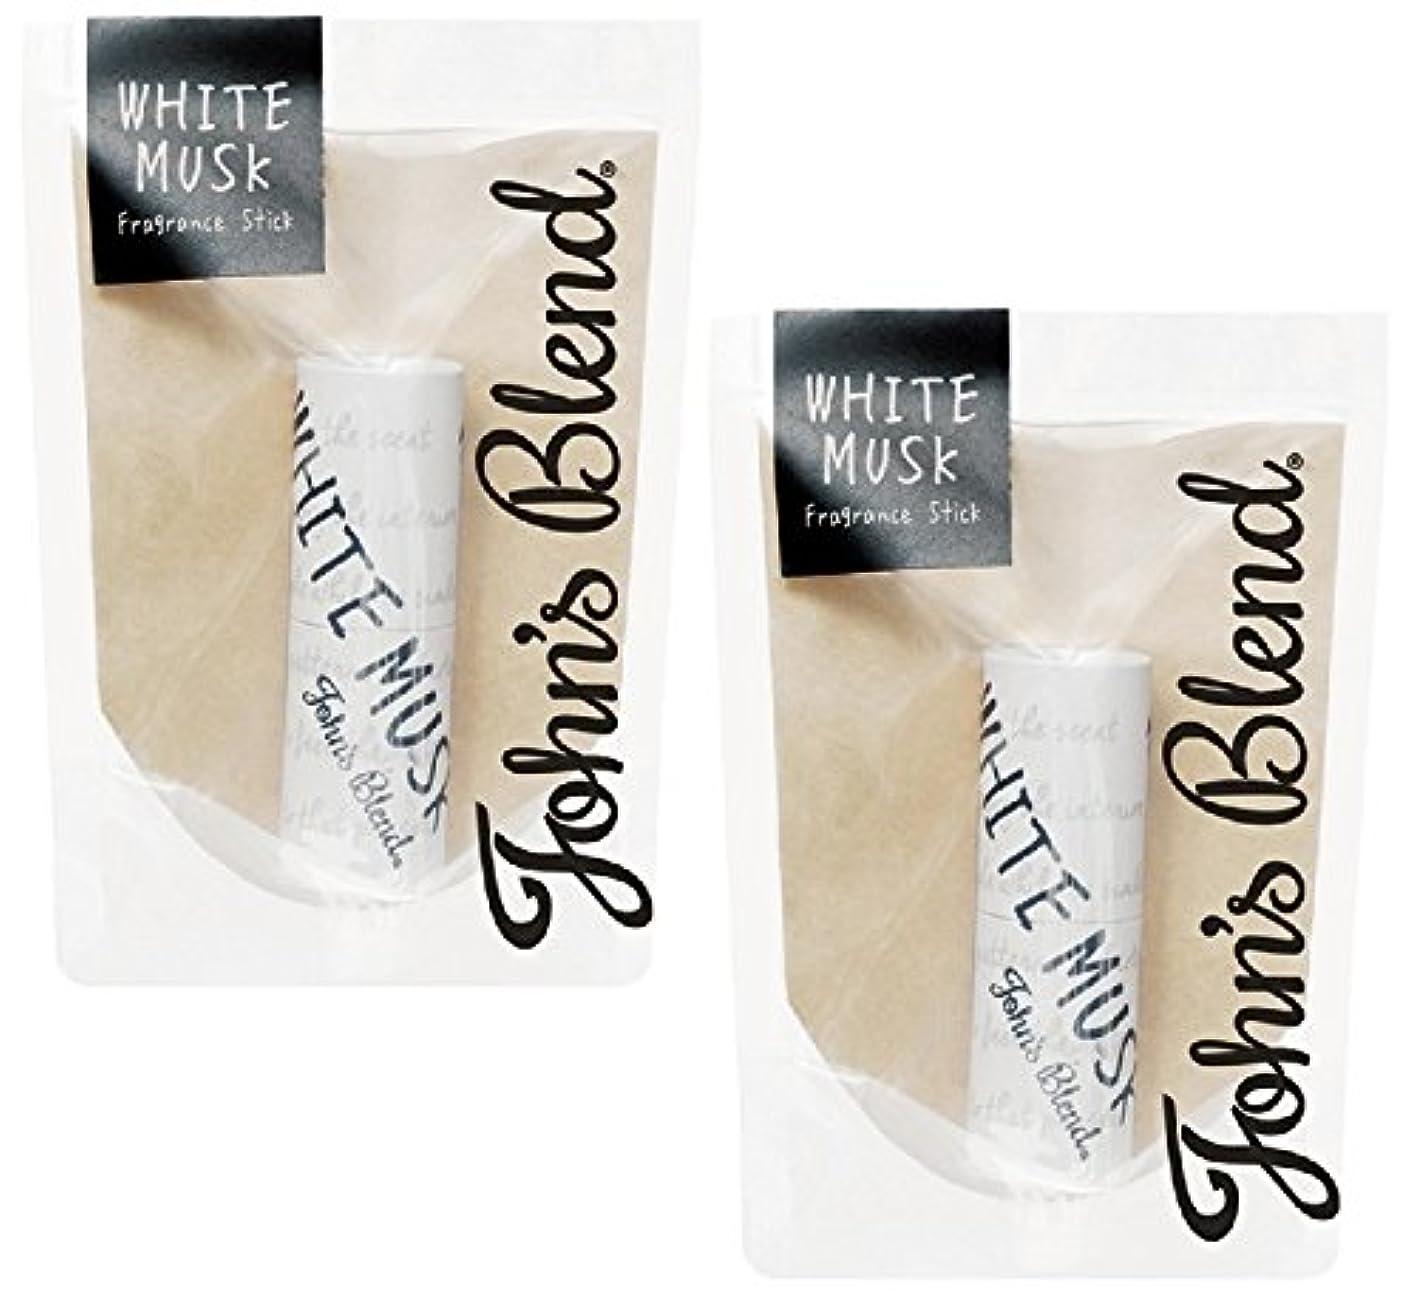 ラッチ器用修士号【2個セット】Johns Blend 練り香水 フレグランス スティック ホワイトムスク の香り OZ-JOD-3-1